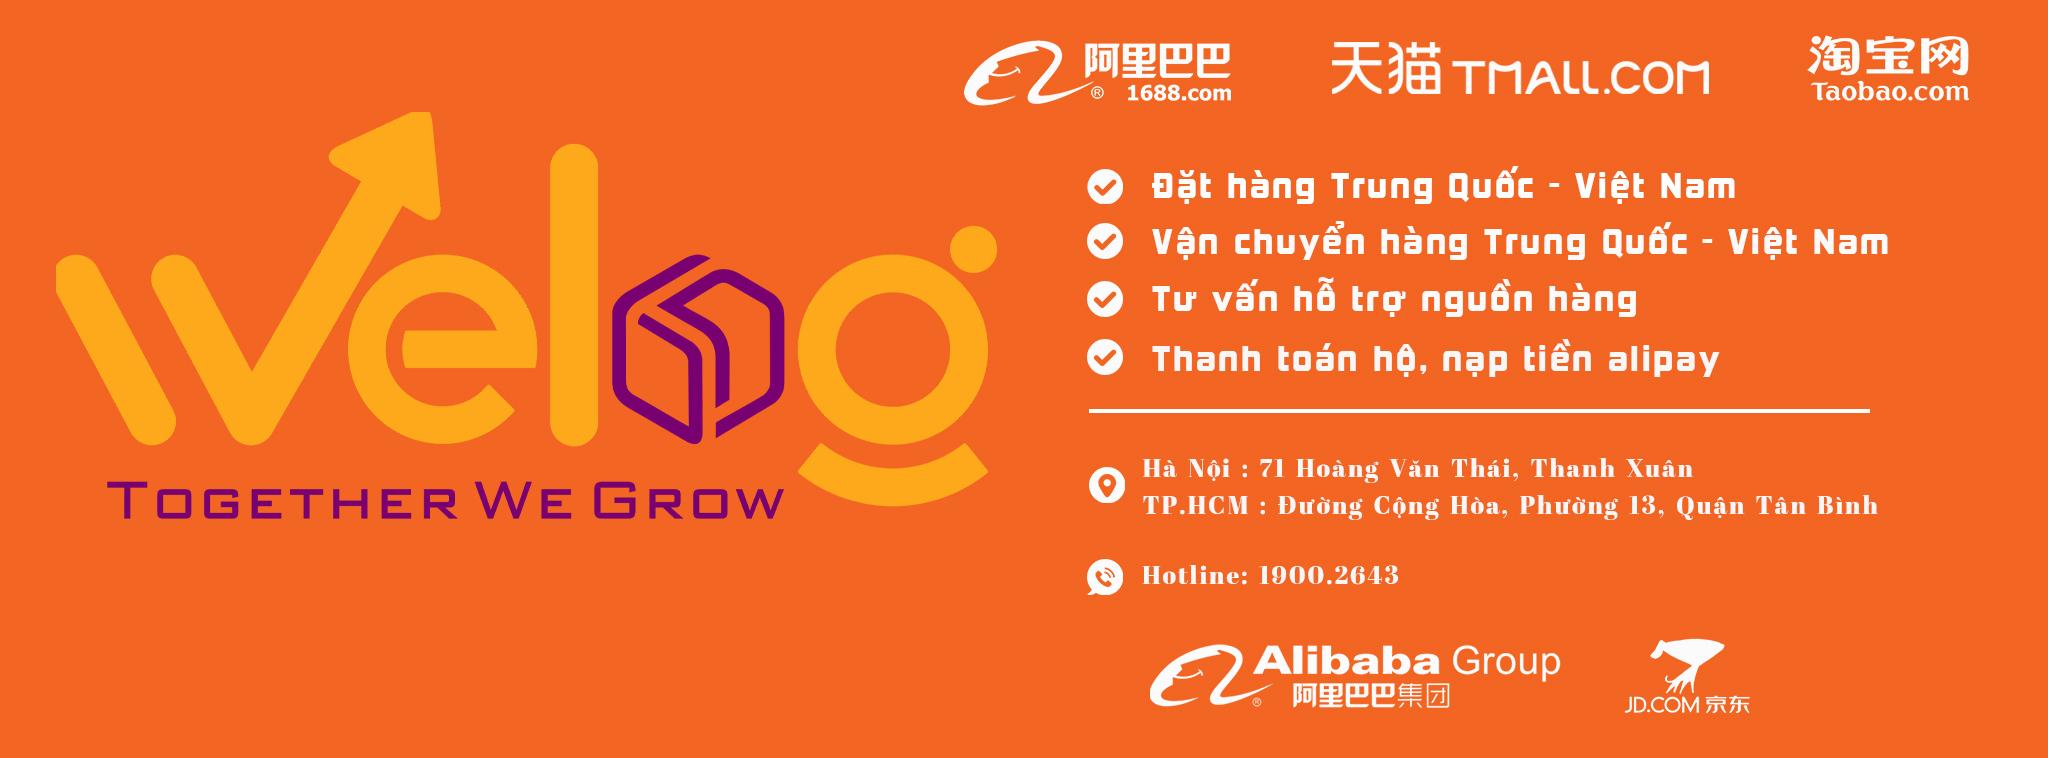 Có nên tin quảng cáo địa chỉ đặt hàng Trung Quốc uy tín ở Hồ Chí Minh?